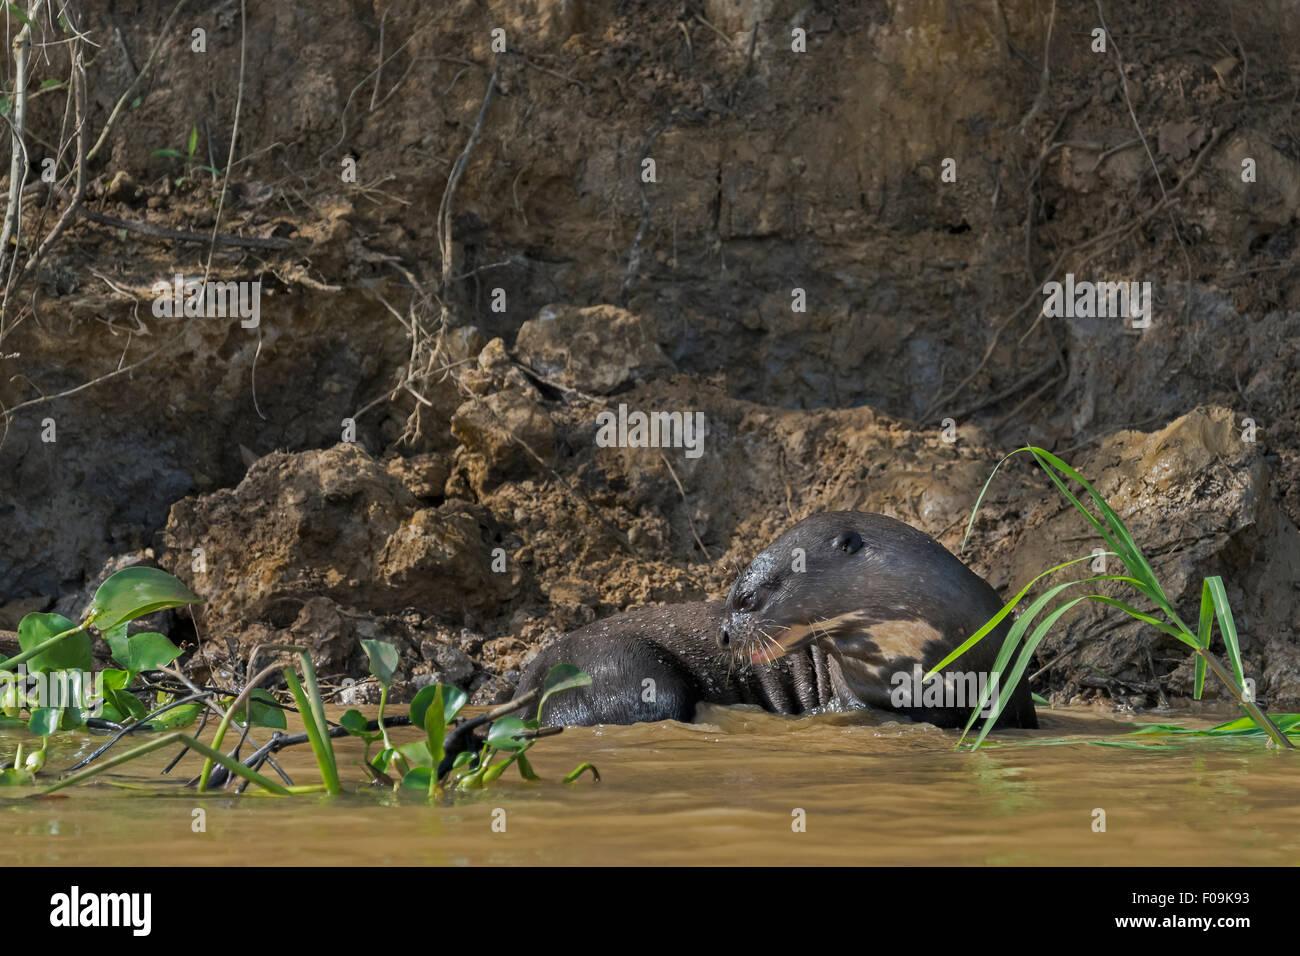 La loutre géante (Pteronura brasiliensis) sur le point d'entrer dans la rivière, le Rio Cuiaba, Pantanal, Brésil Banque D'Images